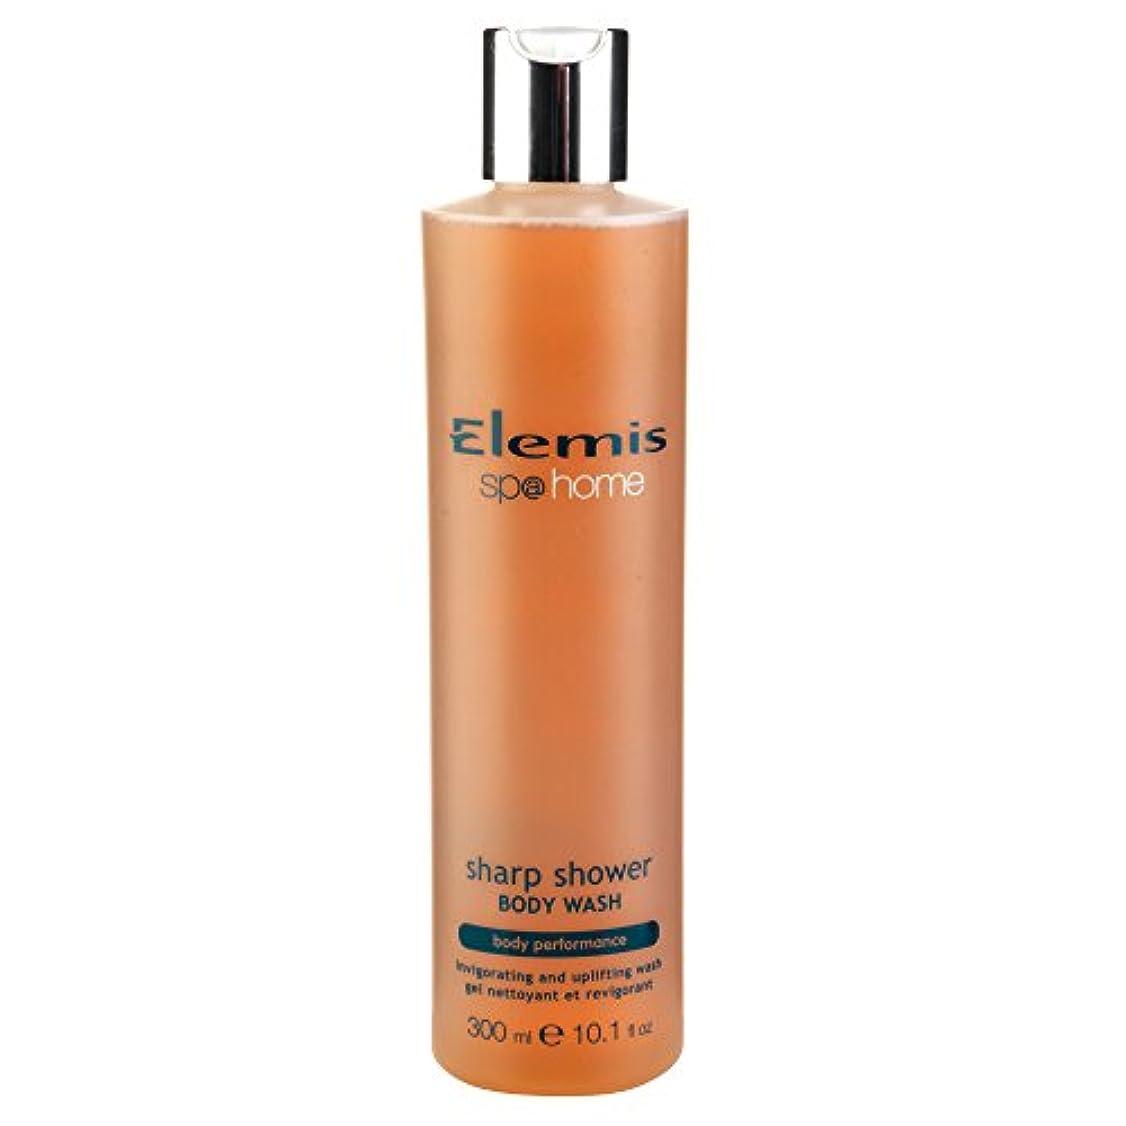 誠実上下する原因エレミスシャープシャワーボディウォッシュ300ミリリットル (Elemis) (x2) - Elemis Sharp Shower Body Wash 300ml (Pack of 2) [並行輸入品]